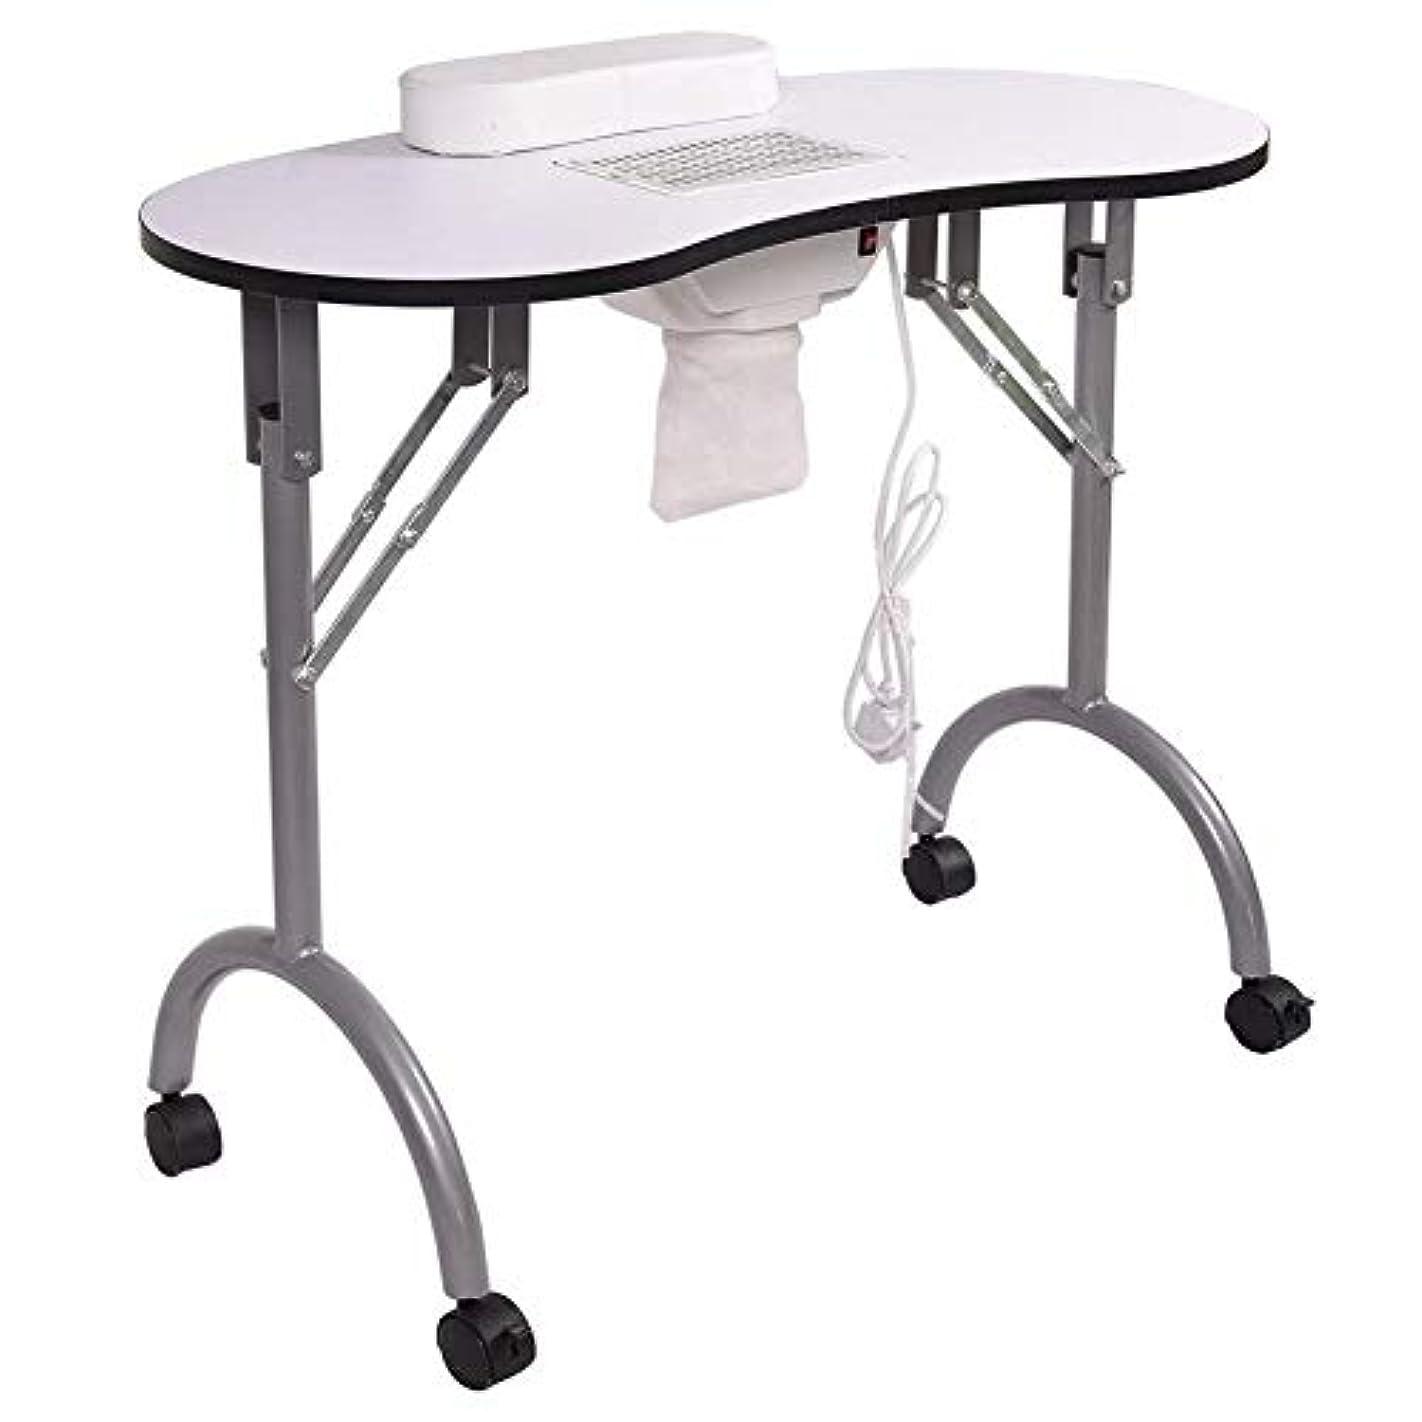 階広い爆弾ネイルテーブルマニキュアテーブル折りたたみポータブルベントネイルデスクワークステーションサロンスパwithネイル掃除機andbag